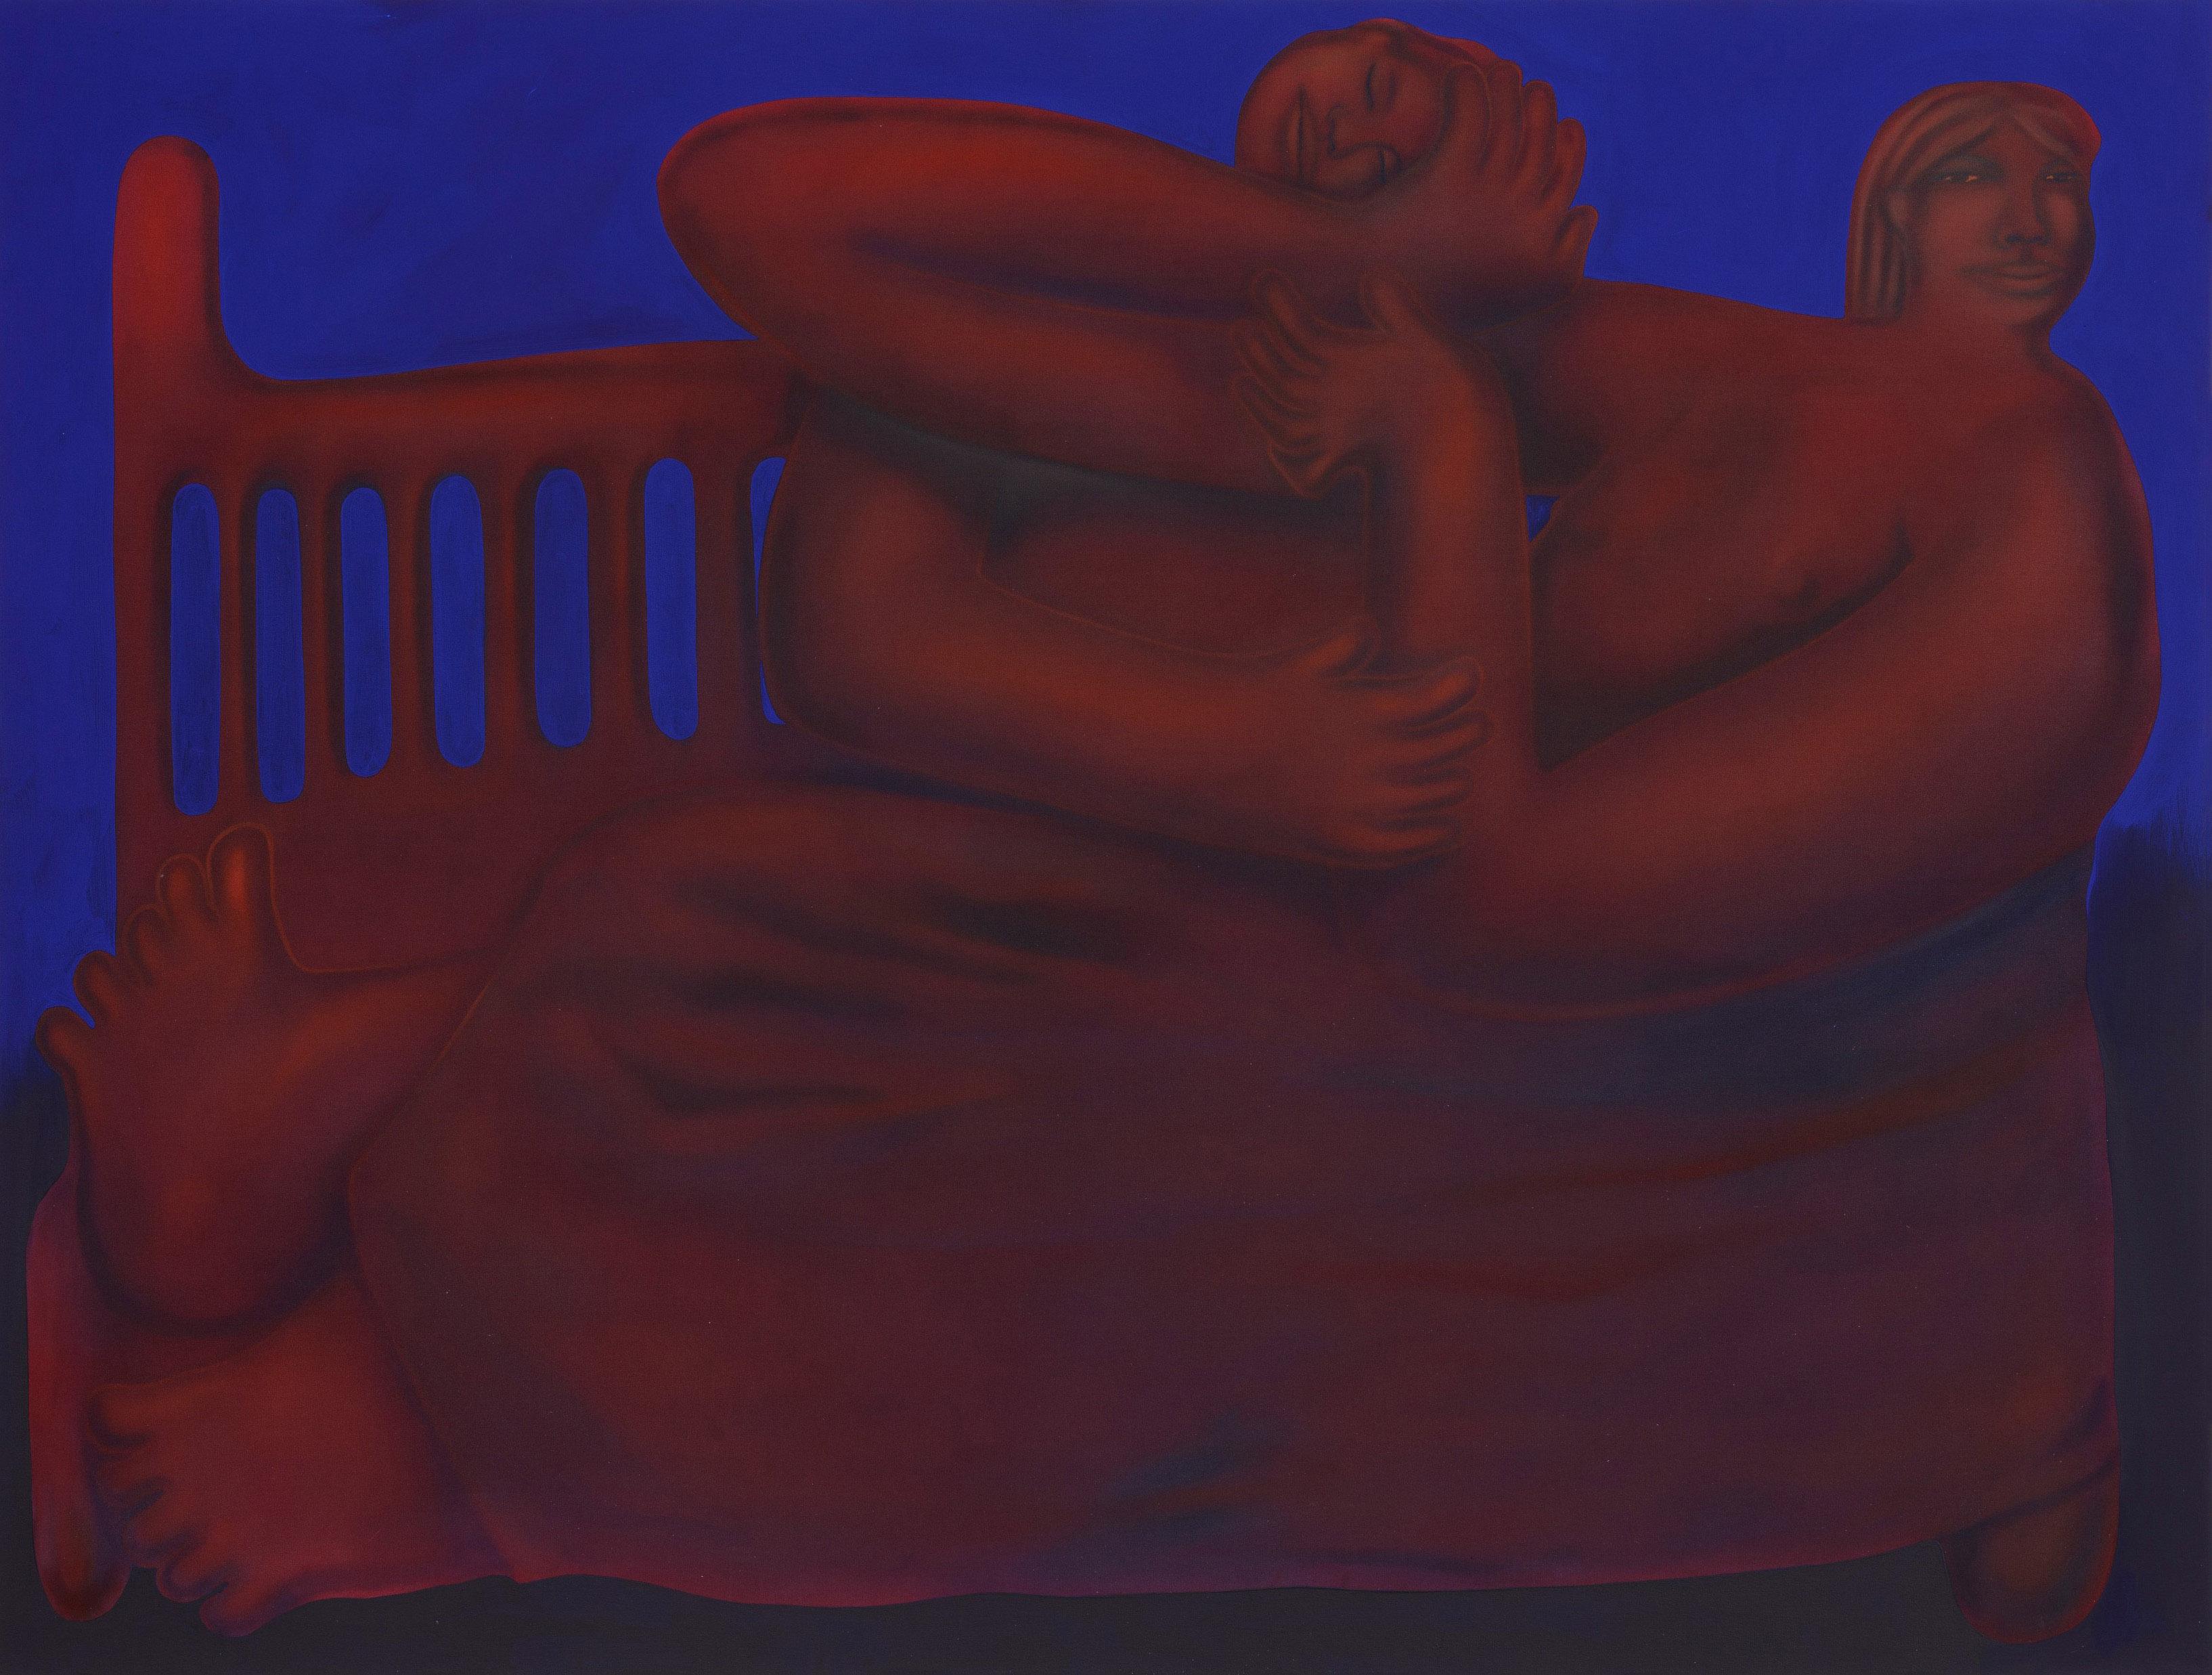 George Rouy. <em>Gentle Refusal</em>, 2018. Acrylic on canvas, 88 5/8 x 118 1/8 inches (225 x 300 cm)